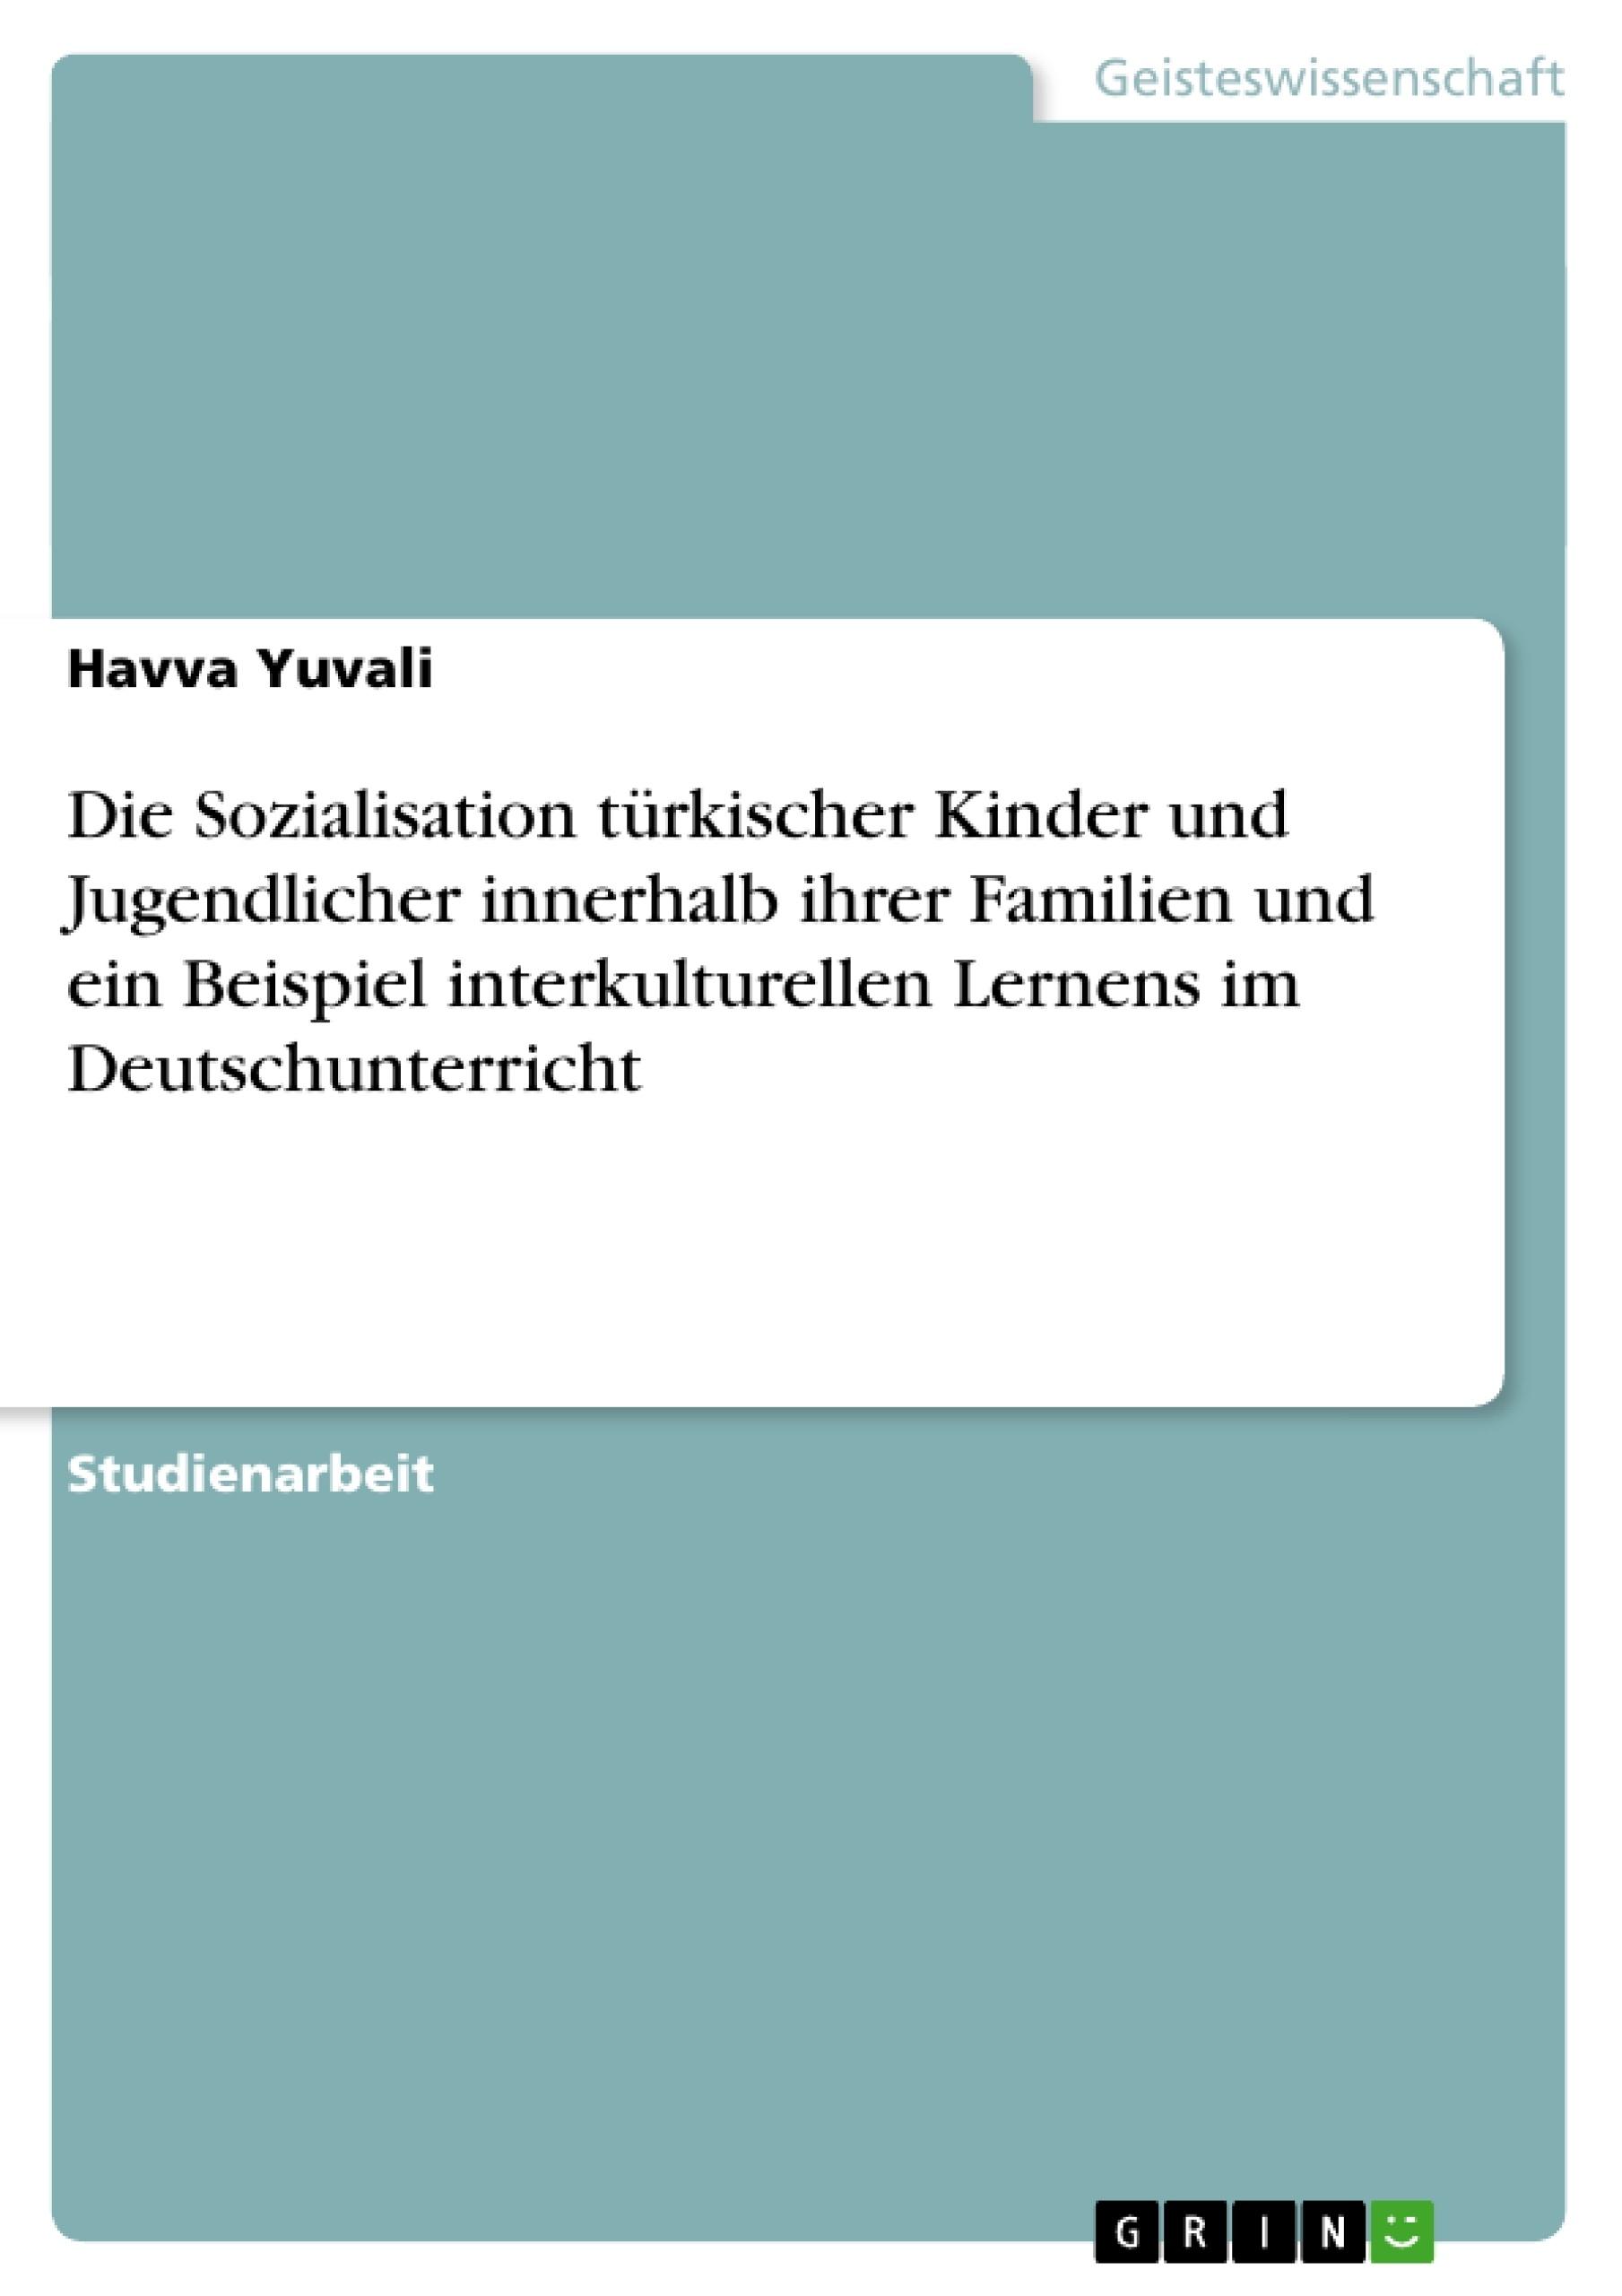 Titel: Die Sozialisation türkischer Kinder und Jugendlicher innerhalb ihrer Familien und ein Beispiel interkulturellen Lernens im Deutschunterricht